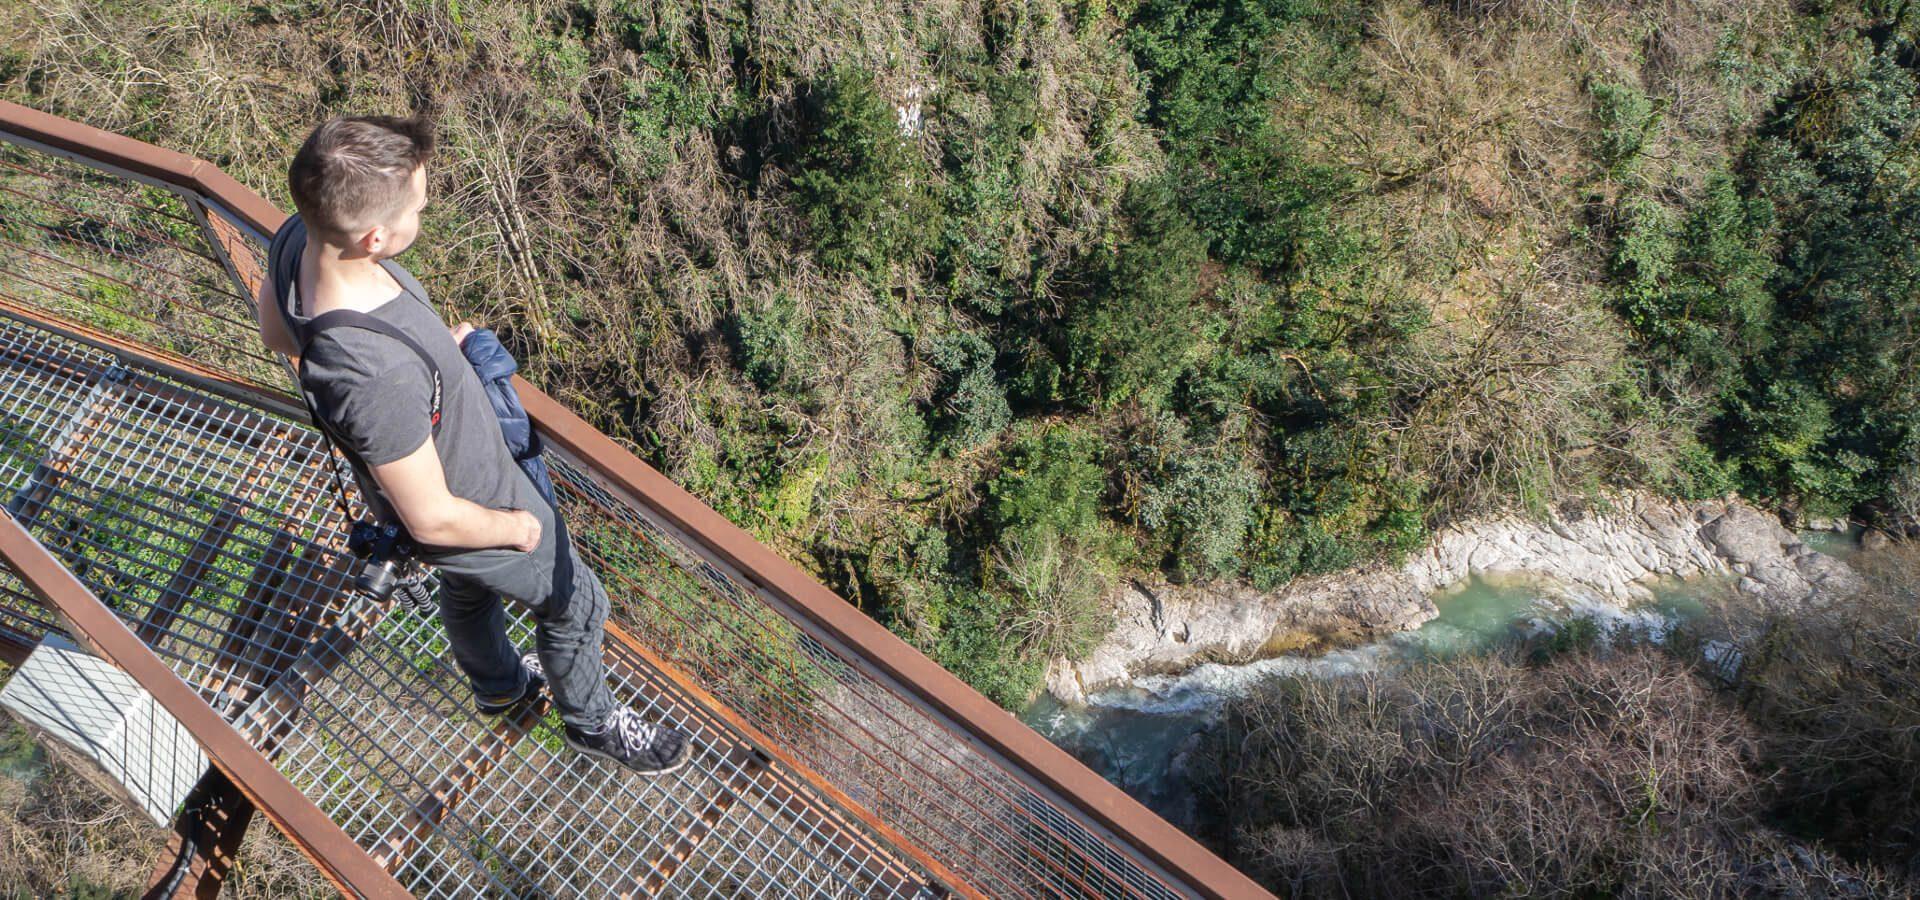 Kanion Okatse w Gruzji - uroczy zakątek w okolicach Kutaisi